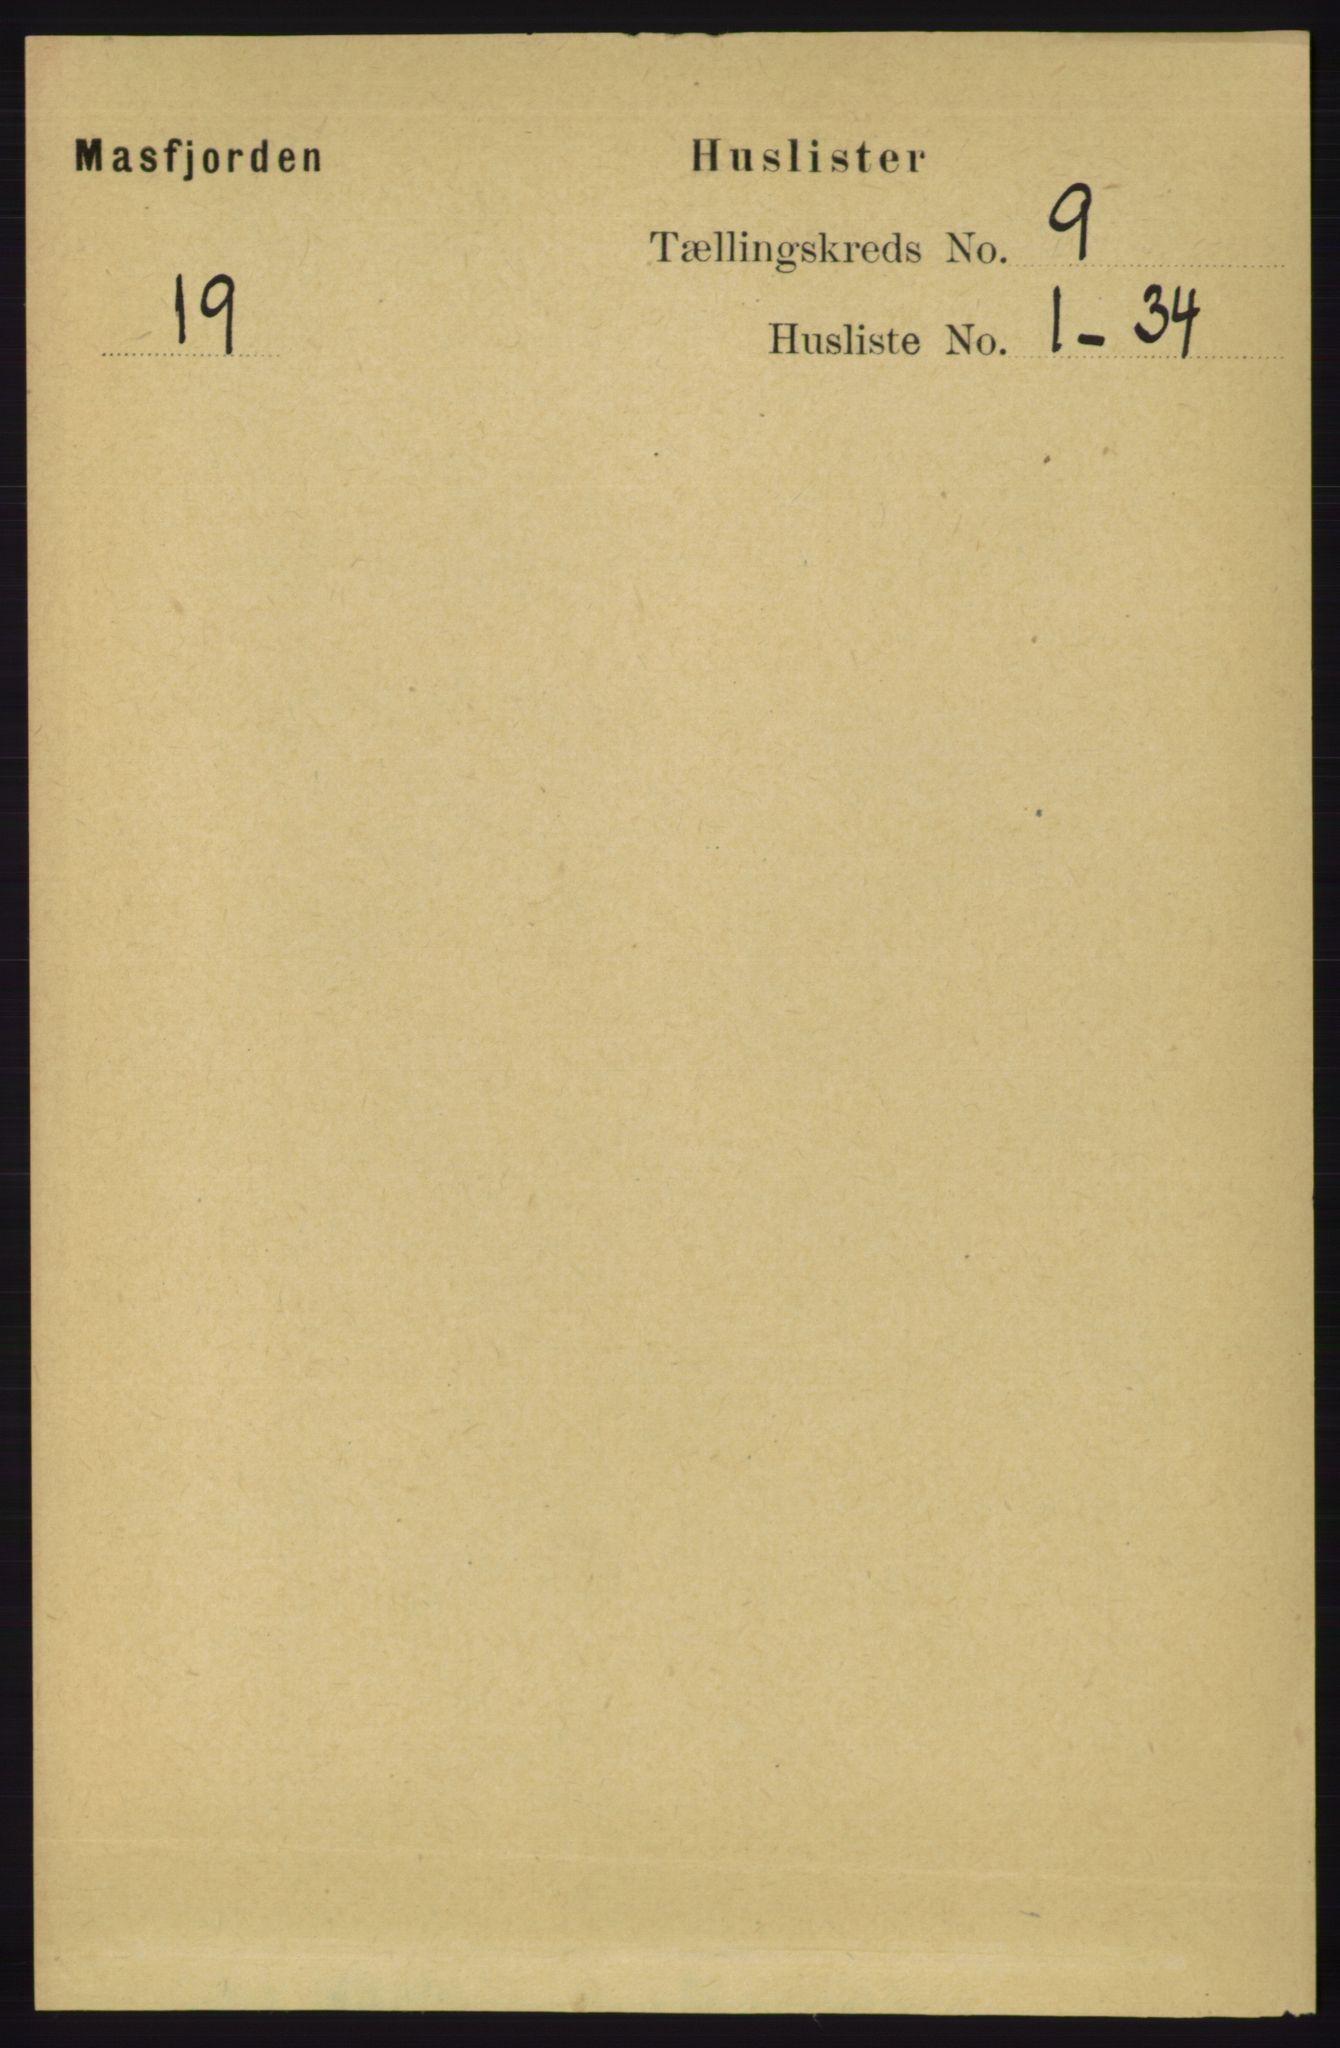 RA, Folketelling 1891 for 1266 Masfjorden herred, 1891, s. 1690